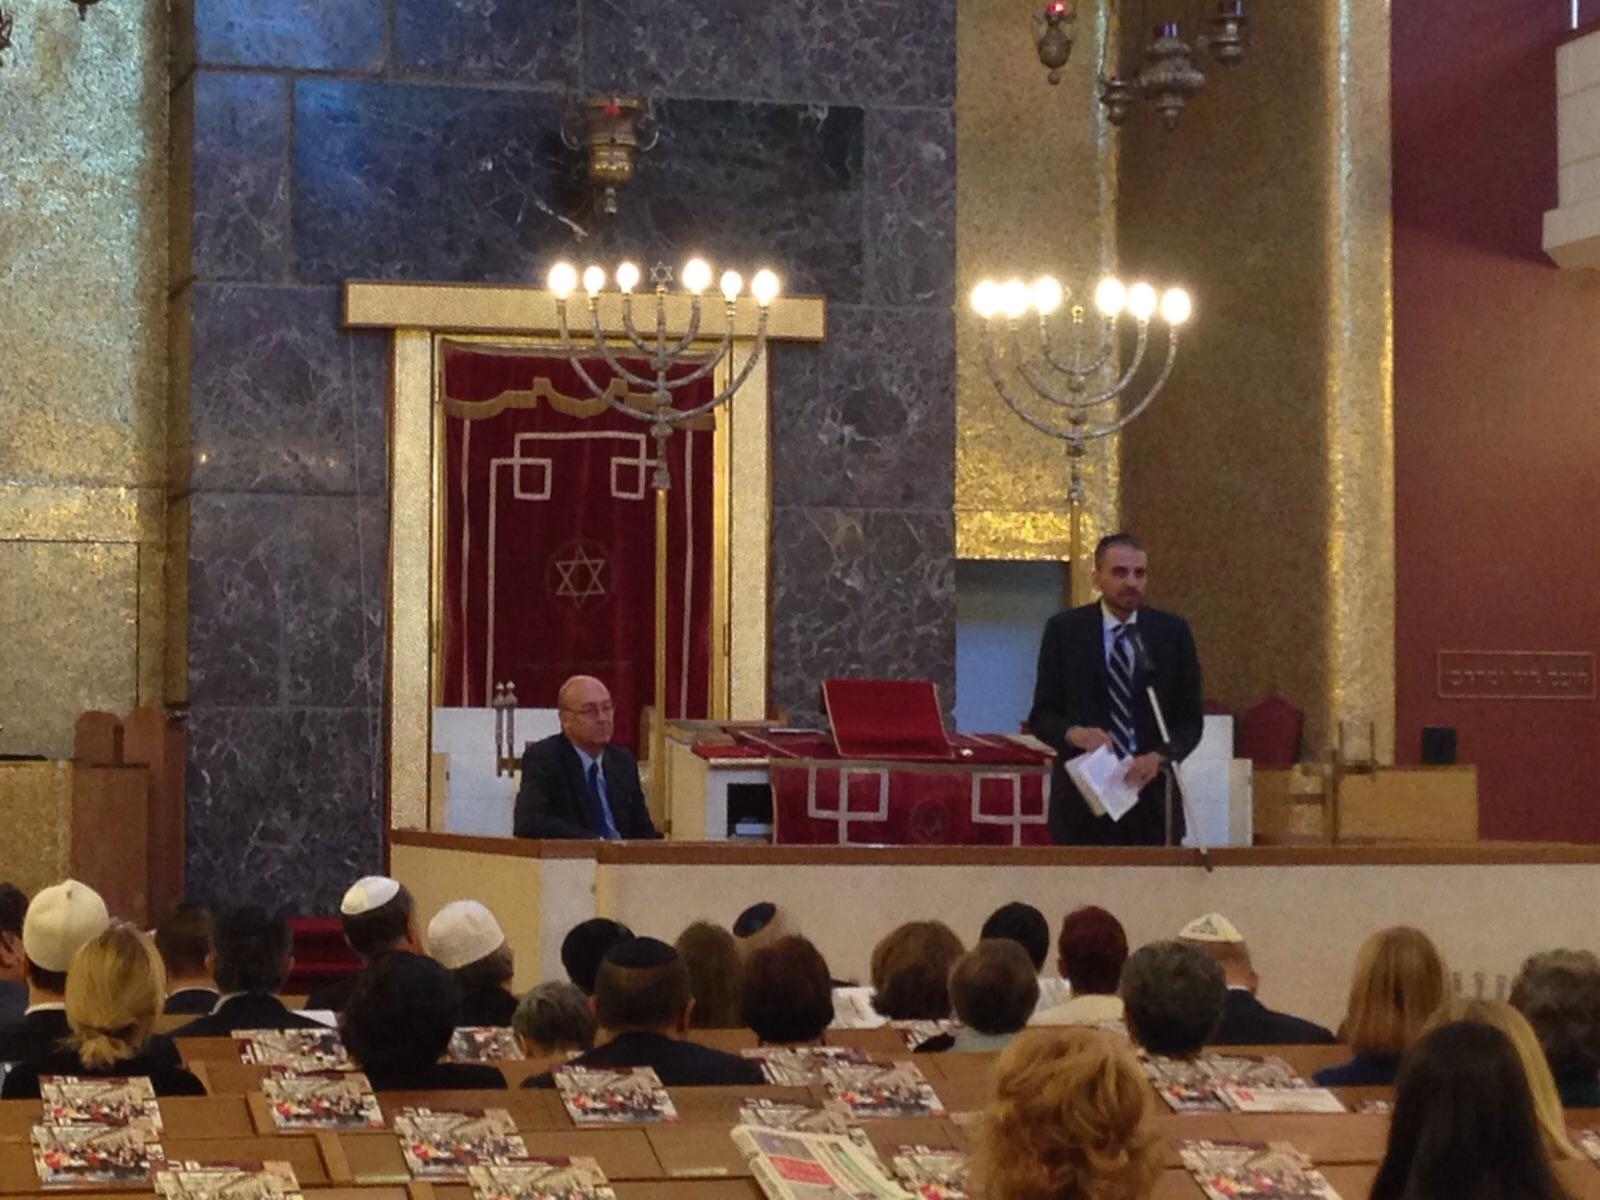 Qui milano dalla sinagoga all 39 expo l 39 ebraismo e israele for Oggetti sacri roma